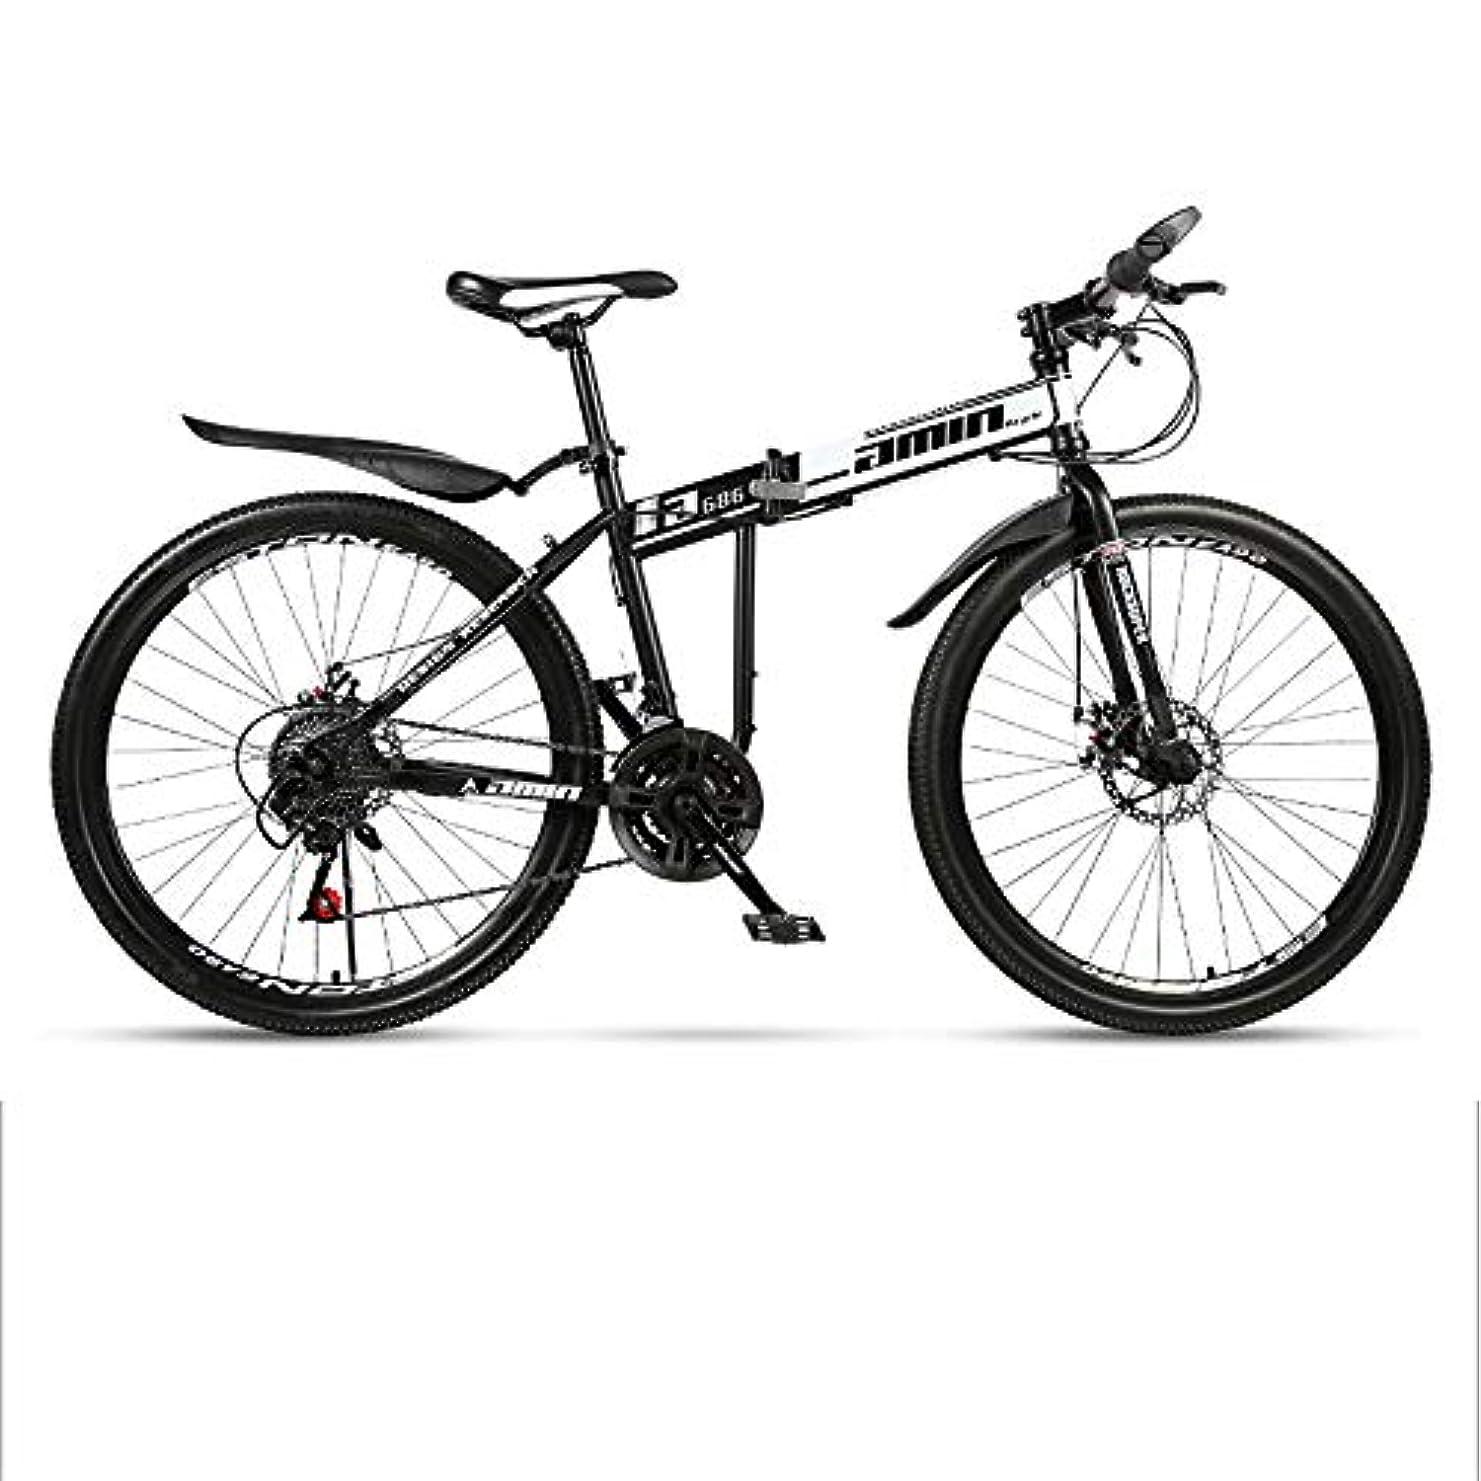 制約ネックレス写真撮影マウンテンバイク、24/26インチホイールマウンテントレイルバイク、21速ギアデュアルスチールブレーキ付き炭素鋼フレーム自転車